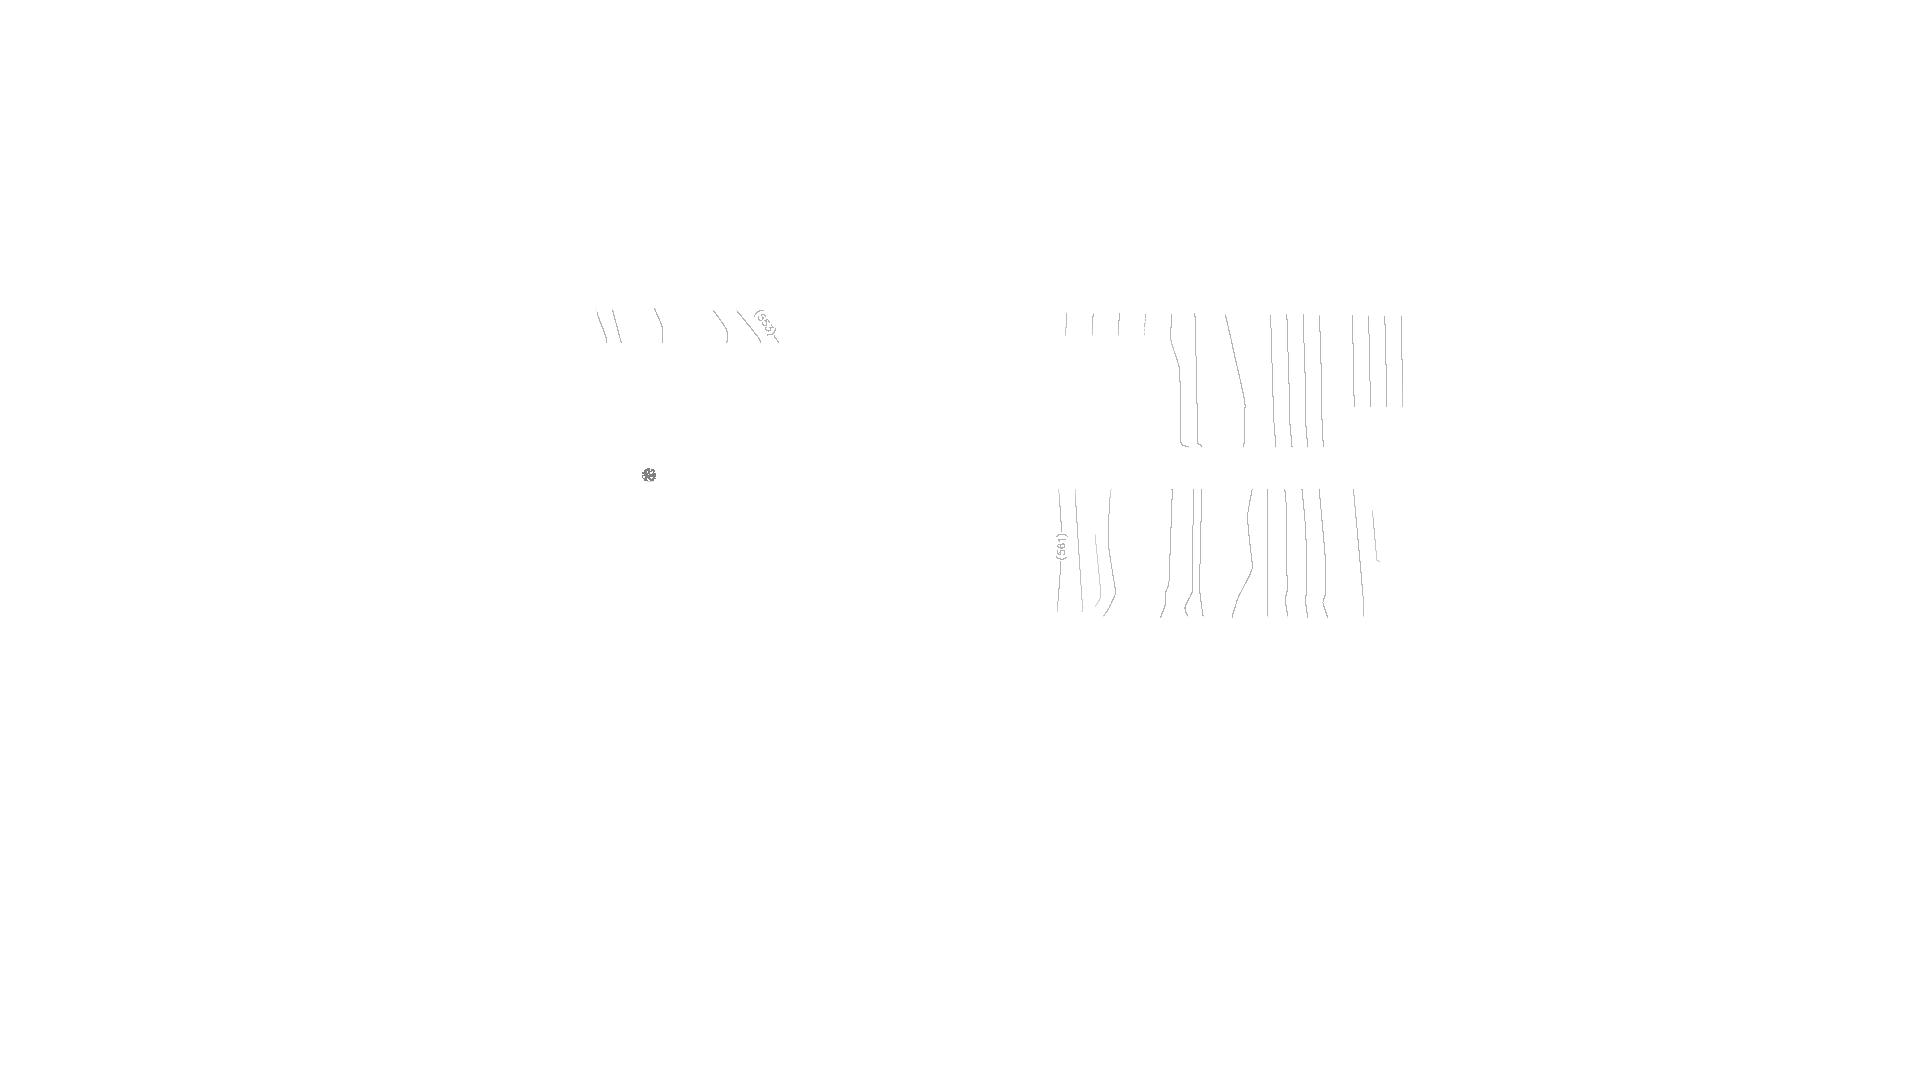 Redrock-09.png